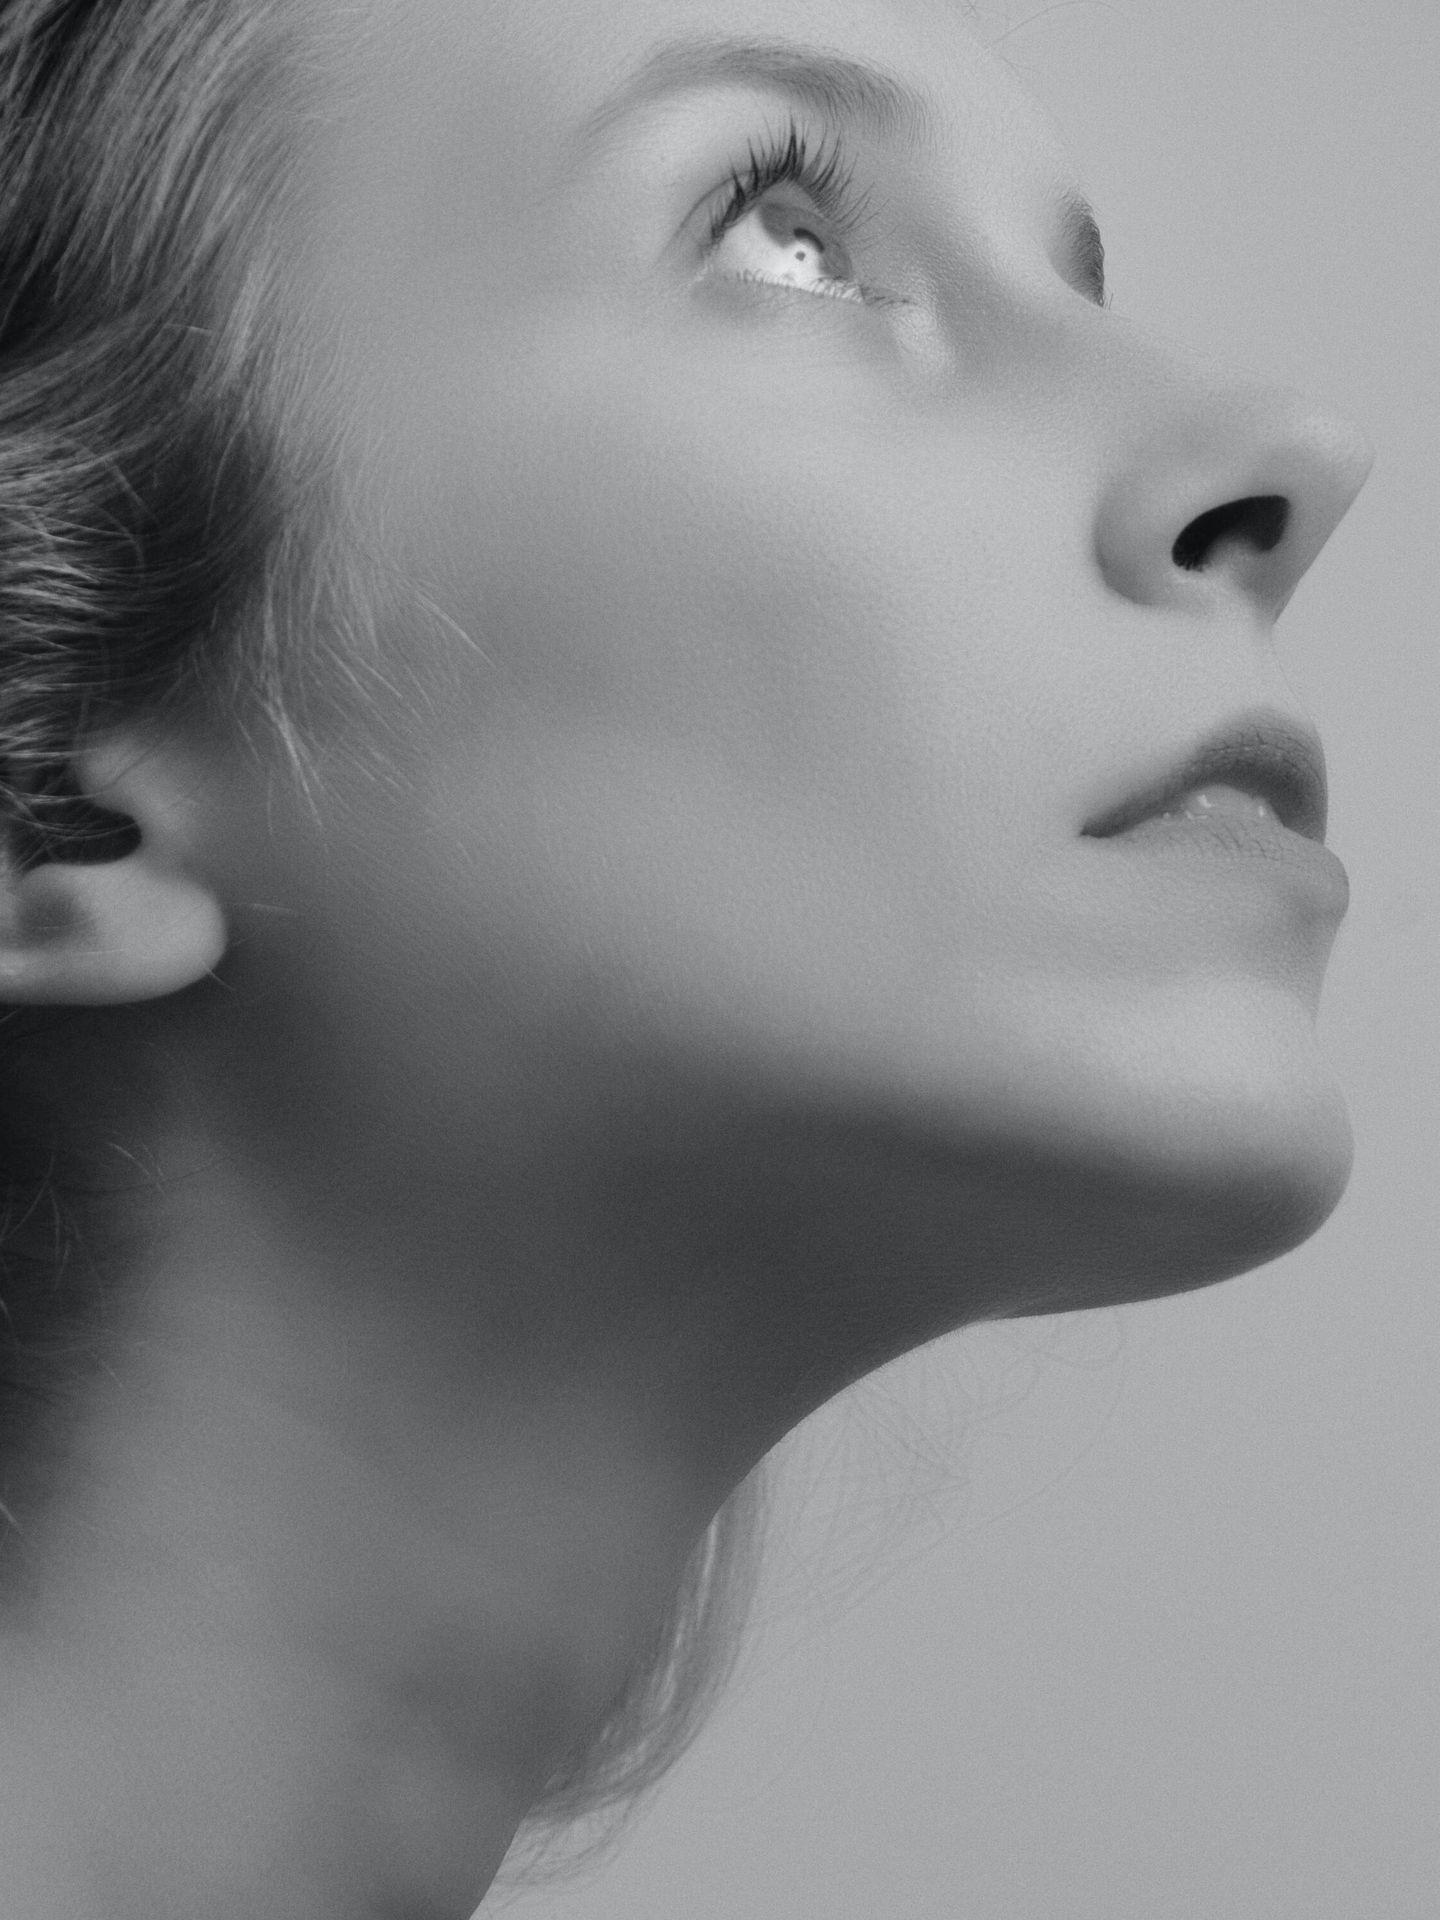 Ahora la limpieza facial se produce con más cuidado, más regularidad y con referencias suaves. (Alexander Krivitskiy para Unsplash)